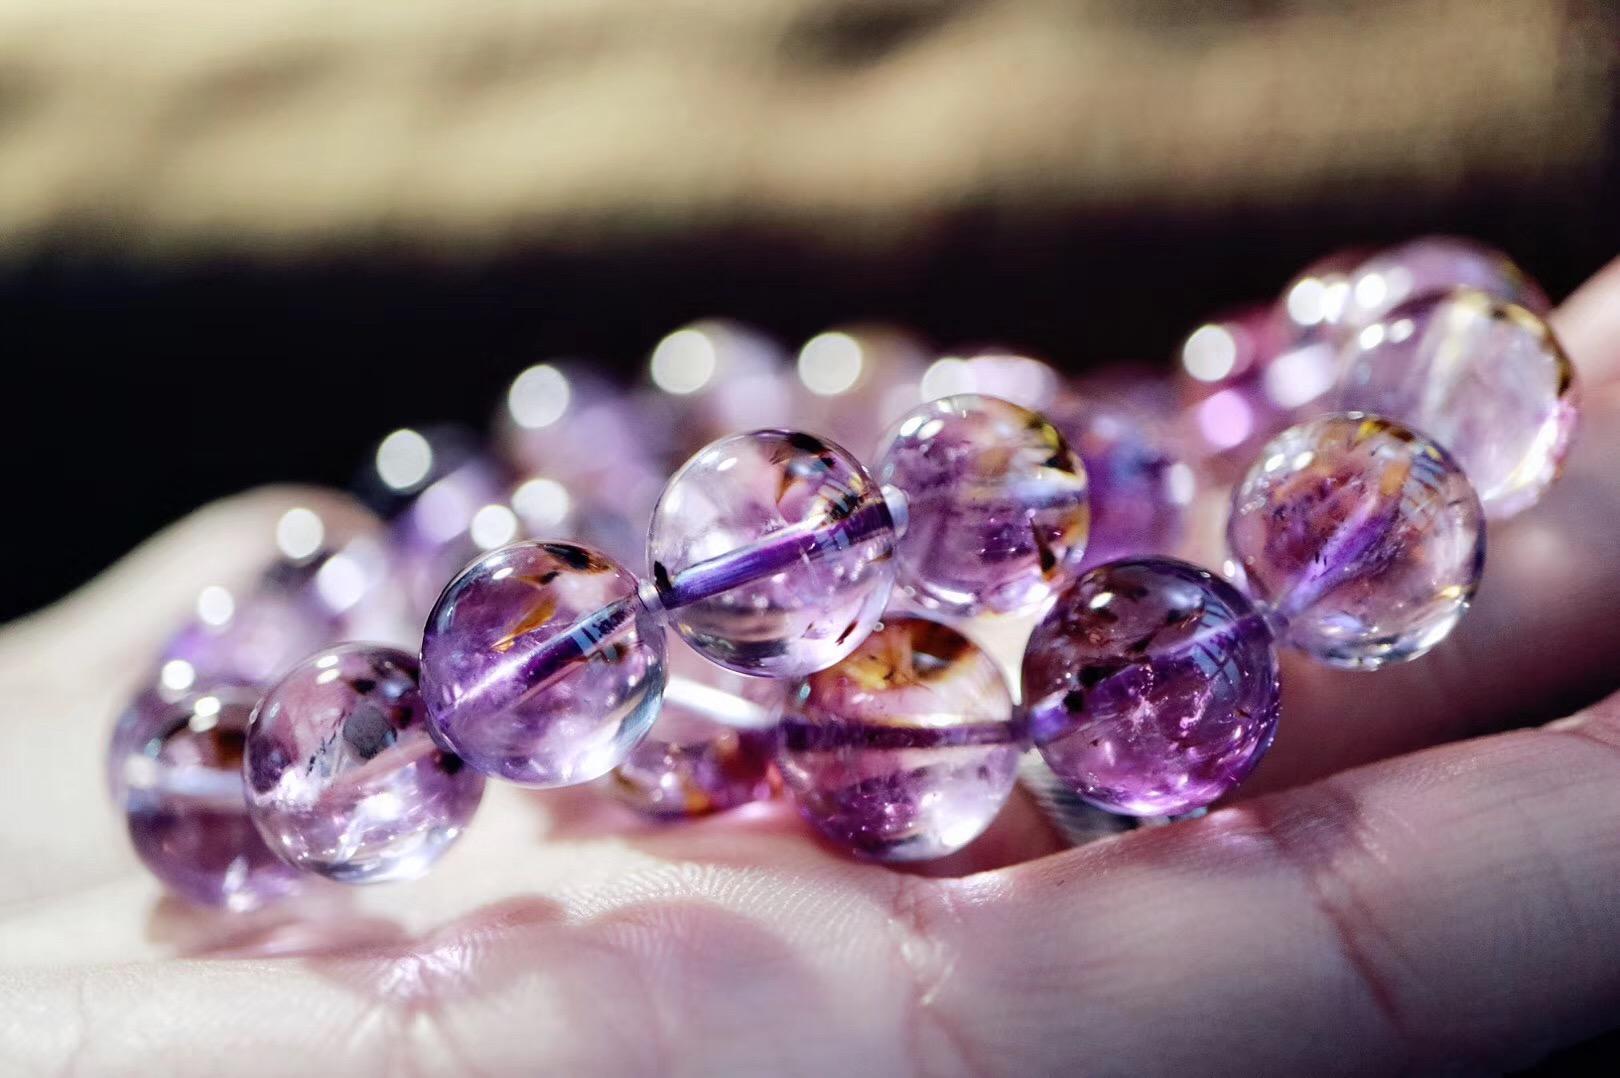 【紫钛晶】 逃不过你眼里的温柔~-菩心晶舍